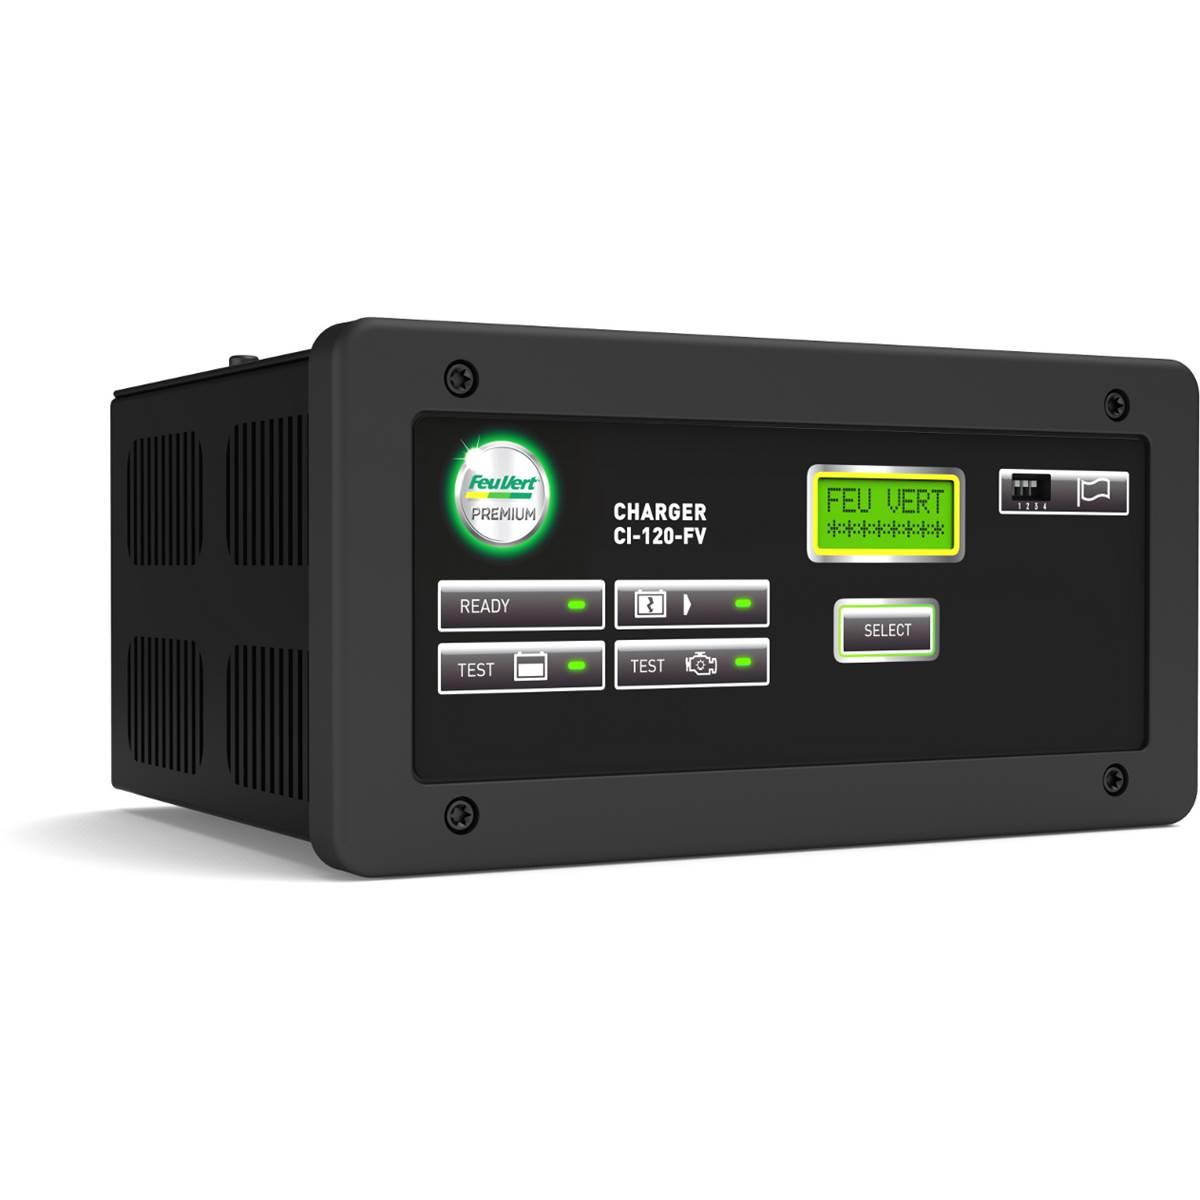 Chargeur De Batterie Feu Vert : chargeur demarreur batterie voiture feu vert ~ Dailycaller-alerts.com Idées de Décoration